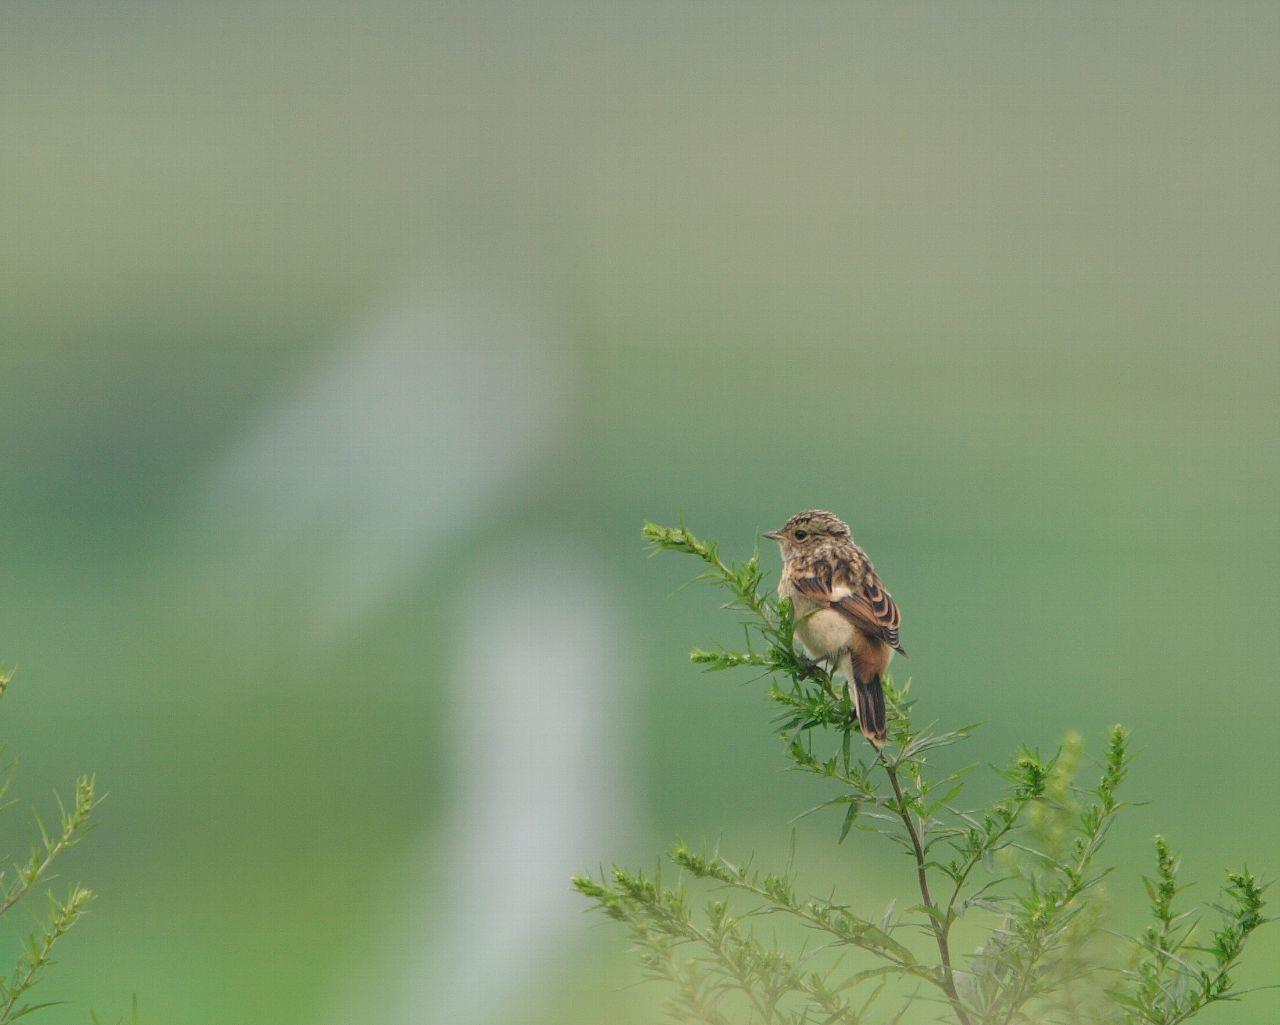 ノビタキ若鳥(爽やかな草原の野鳥の壁紙)_f0105570_228454.jpg